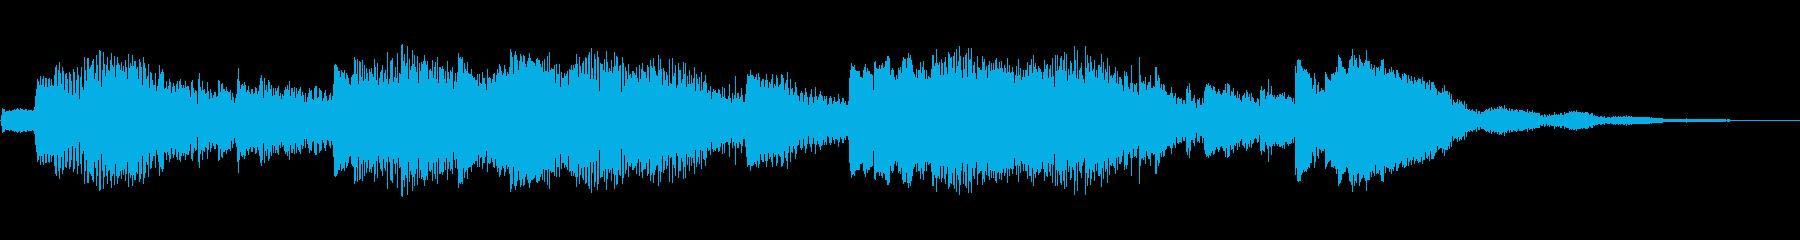 ハープ:静かなアクセント、漫画コメ...の再生済みの波形